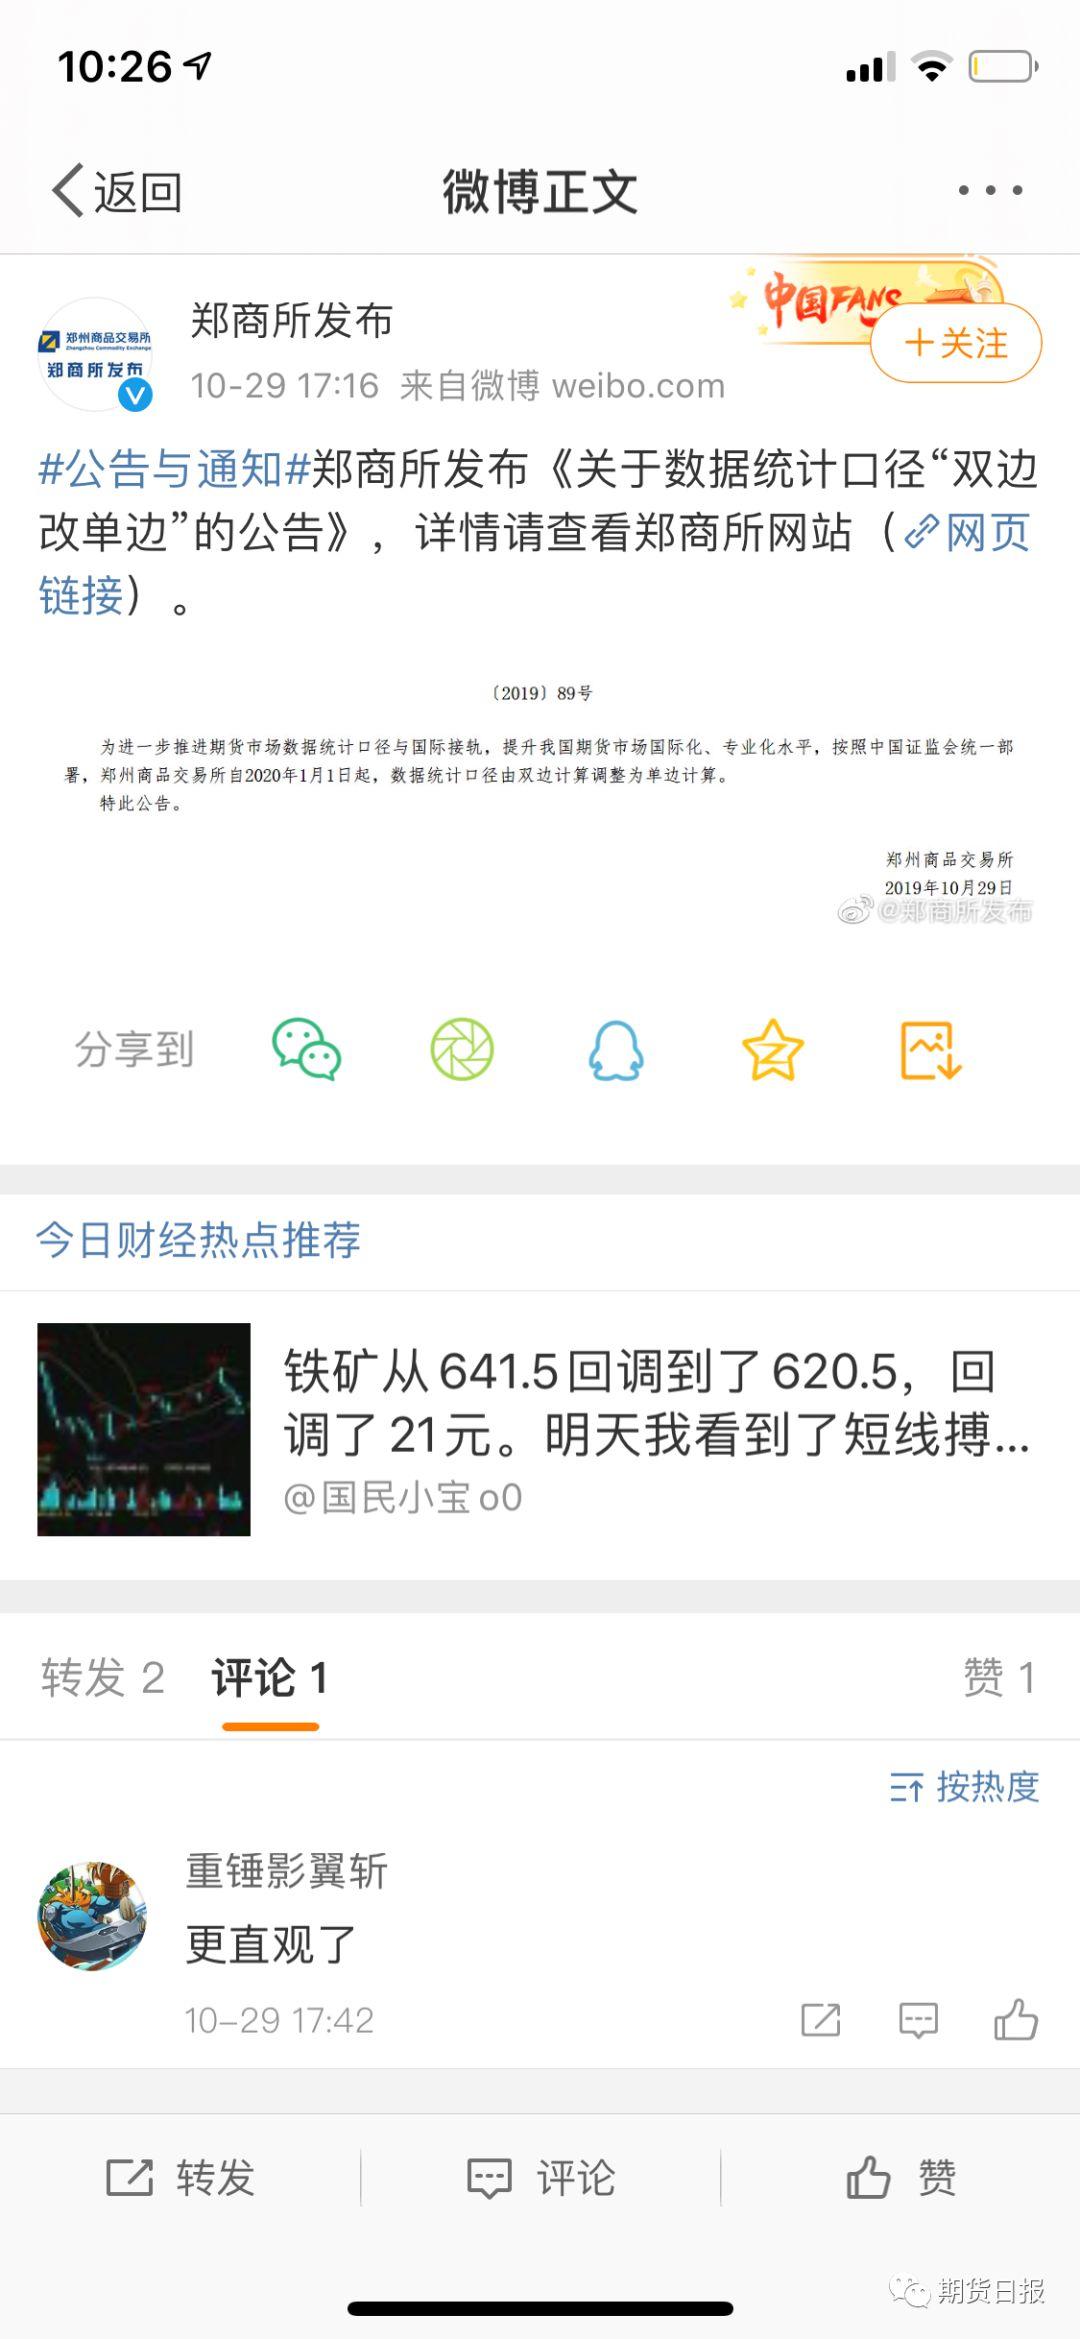 世爵用户平台登陆-消息称红米将推出中低端显示器:有23.8英寸和27英寸两款